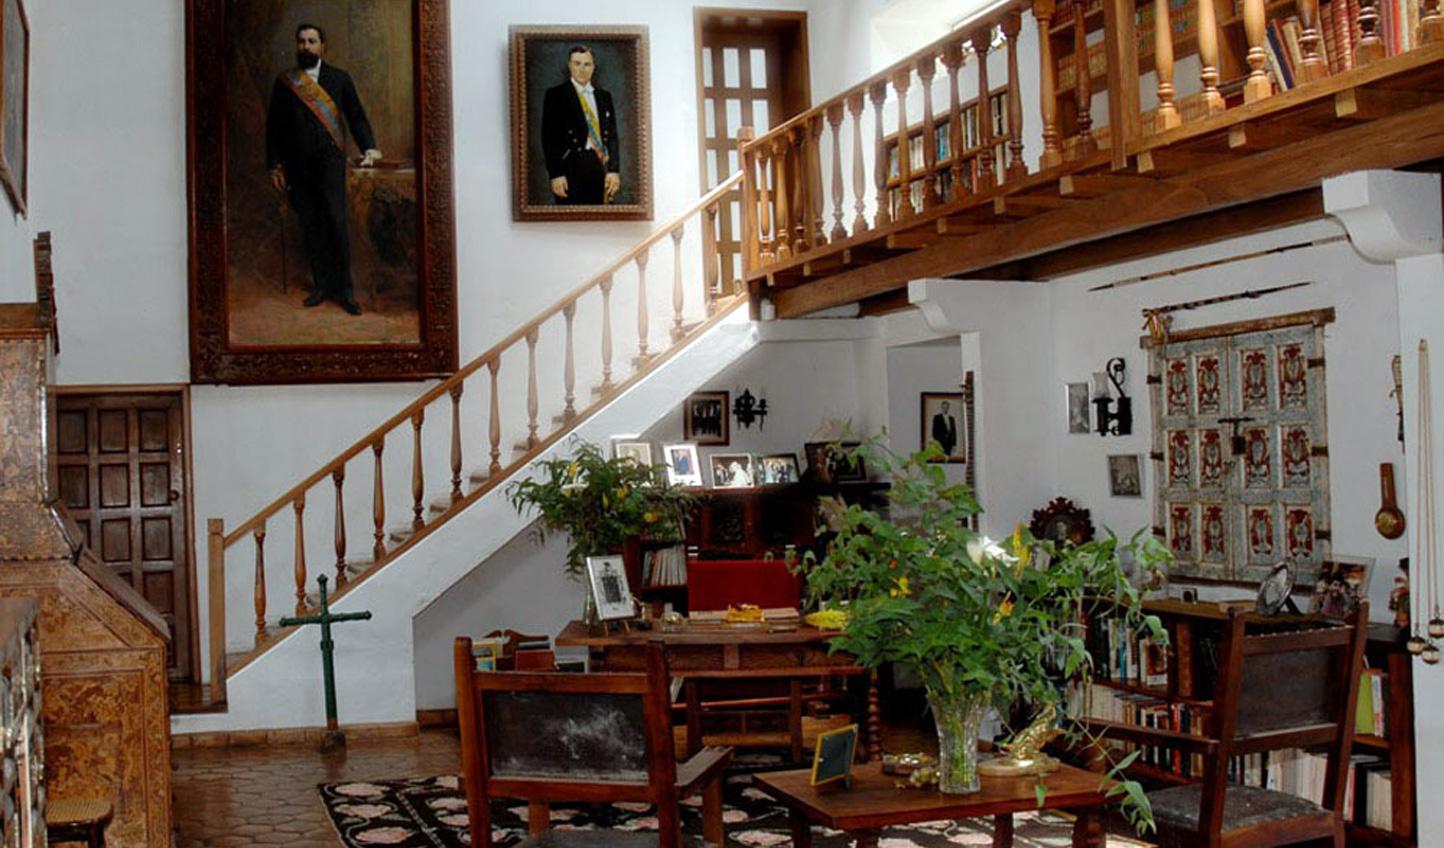 The President's living room